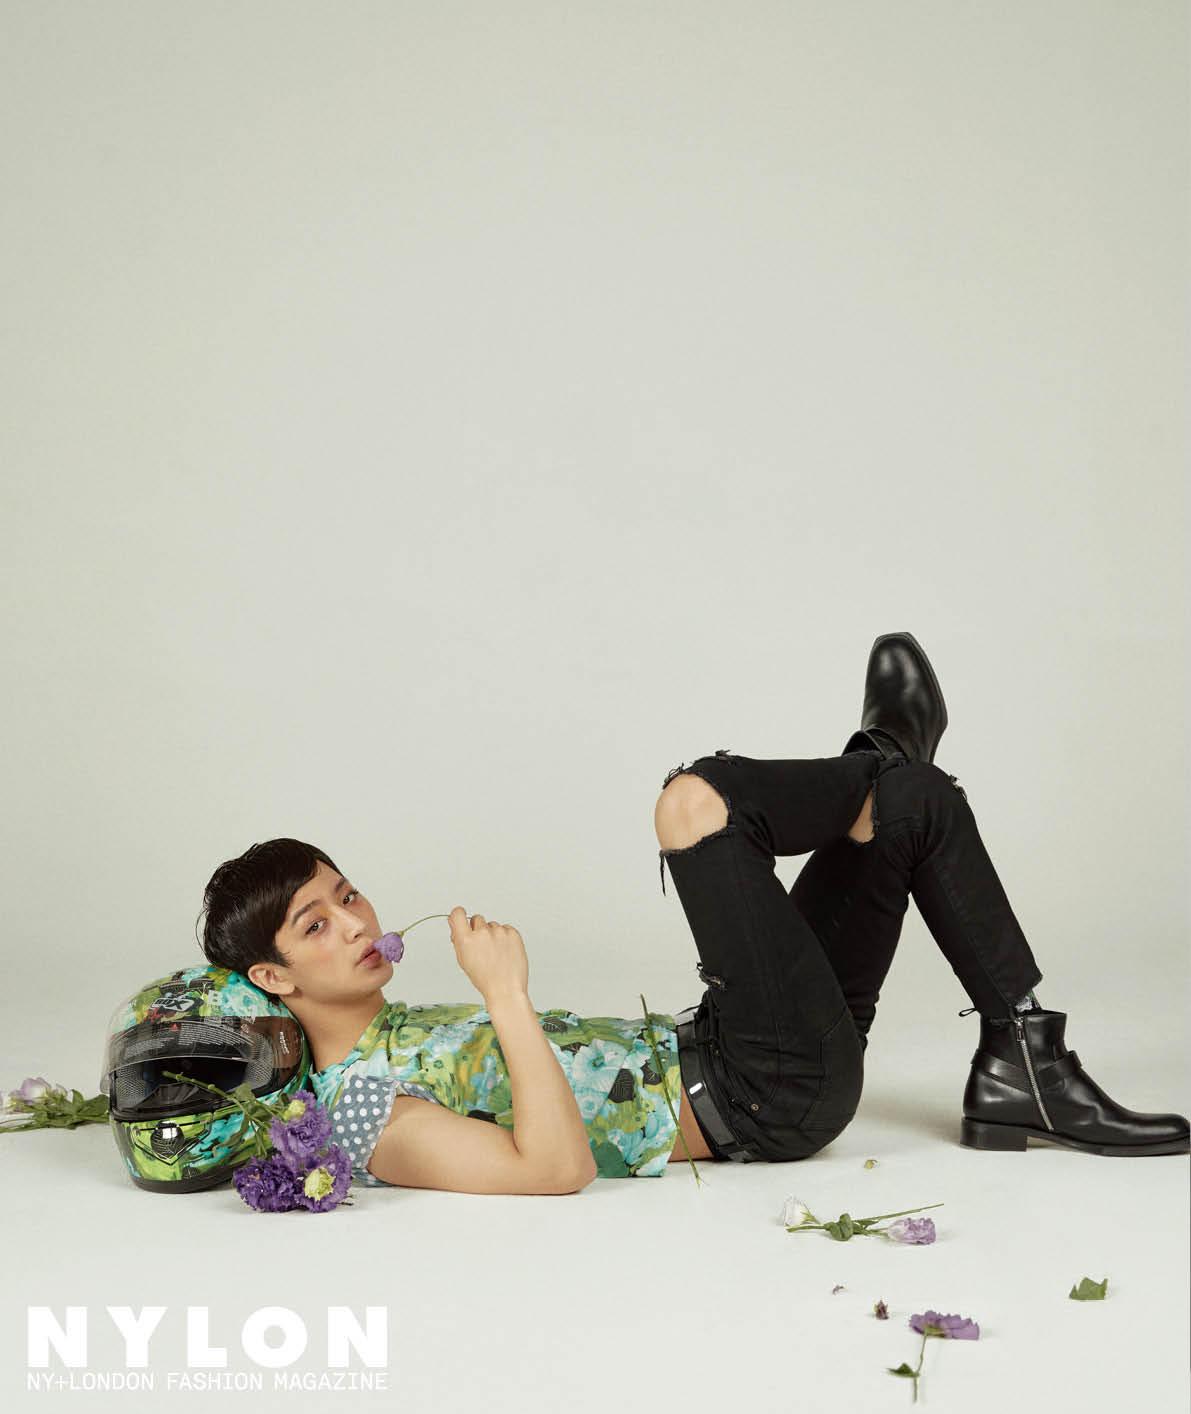 iKON Song Yun Hyeong